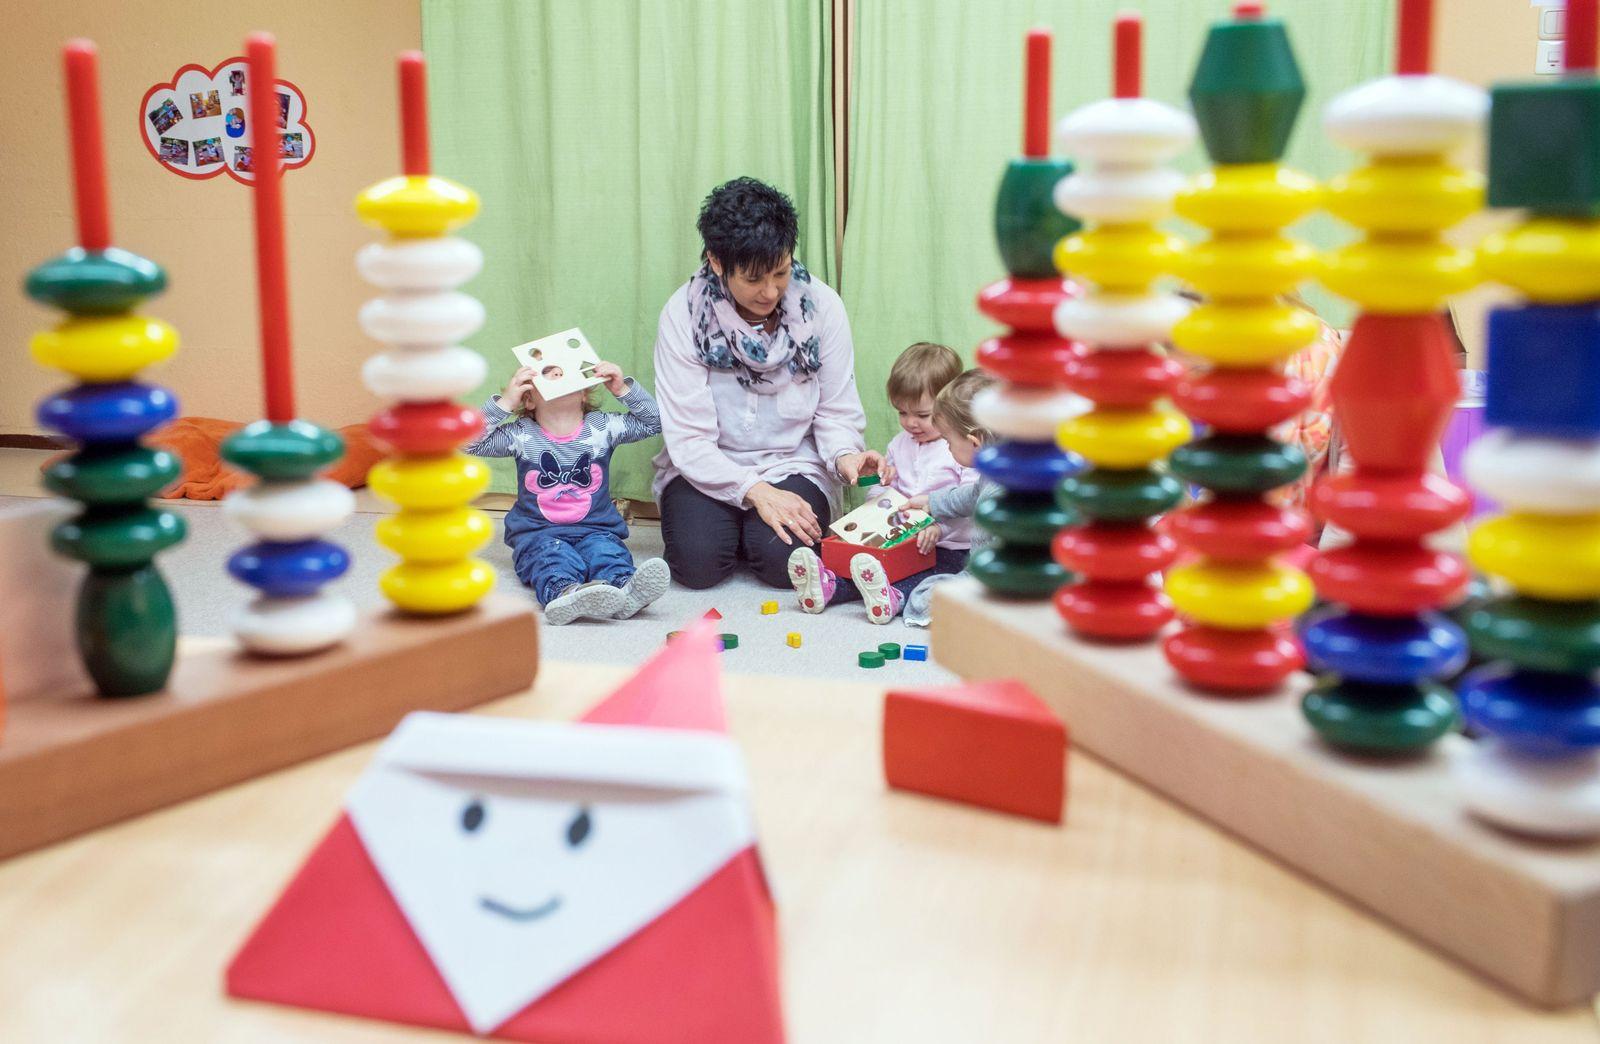 Kinderbetreuung in MV soll günstiger werden